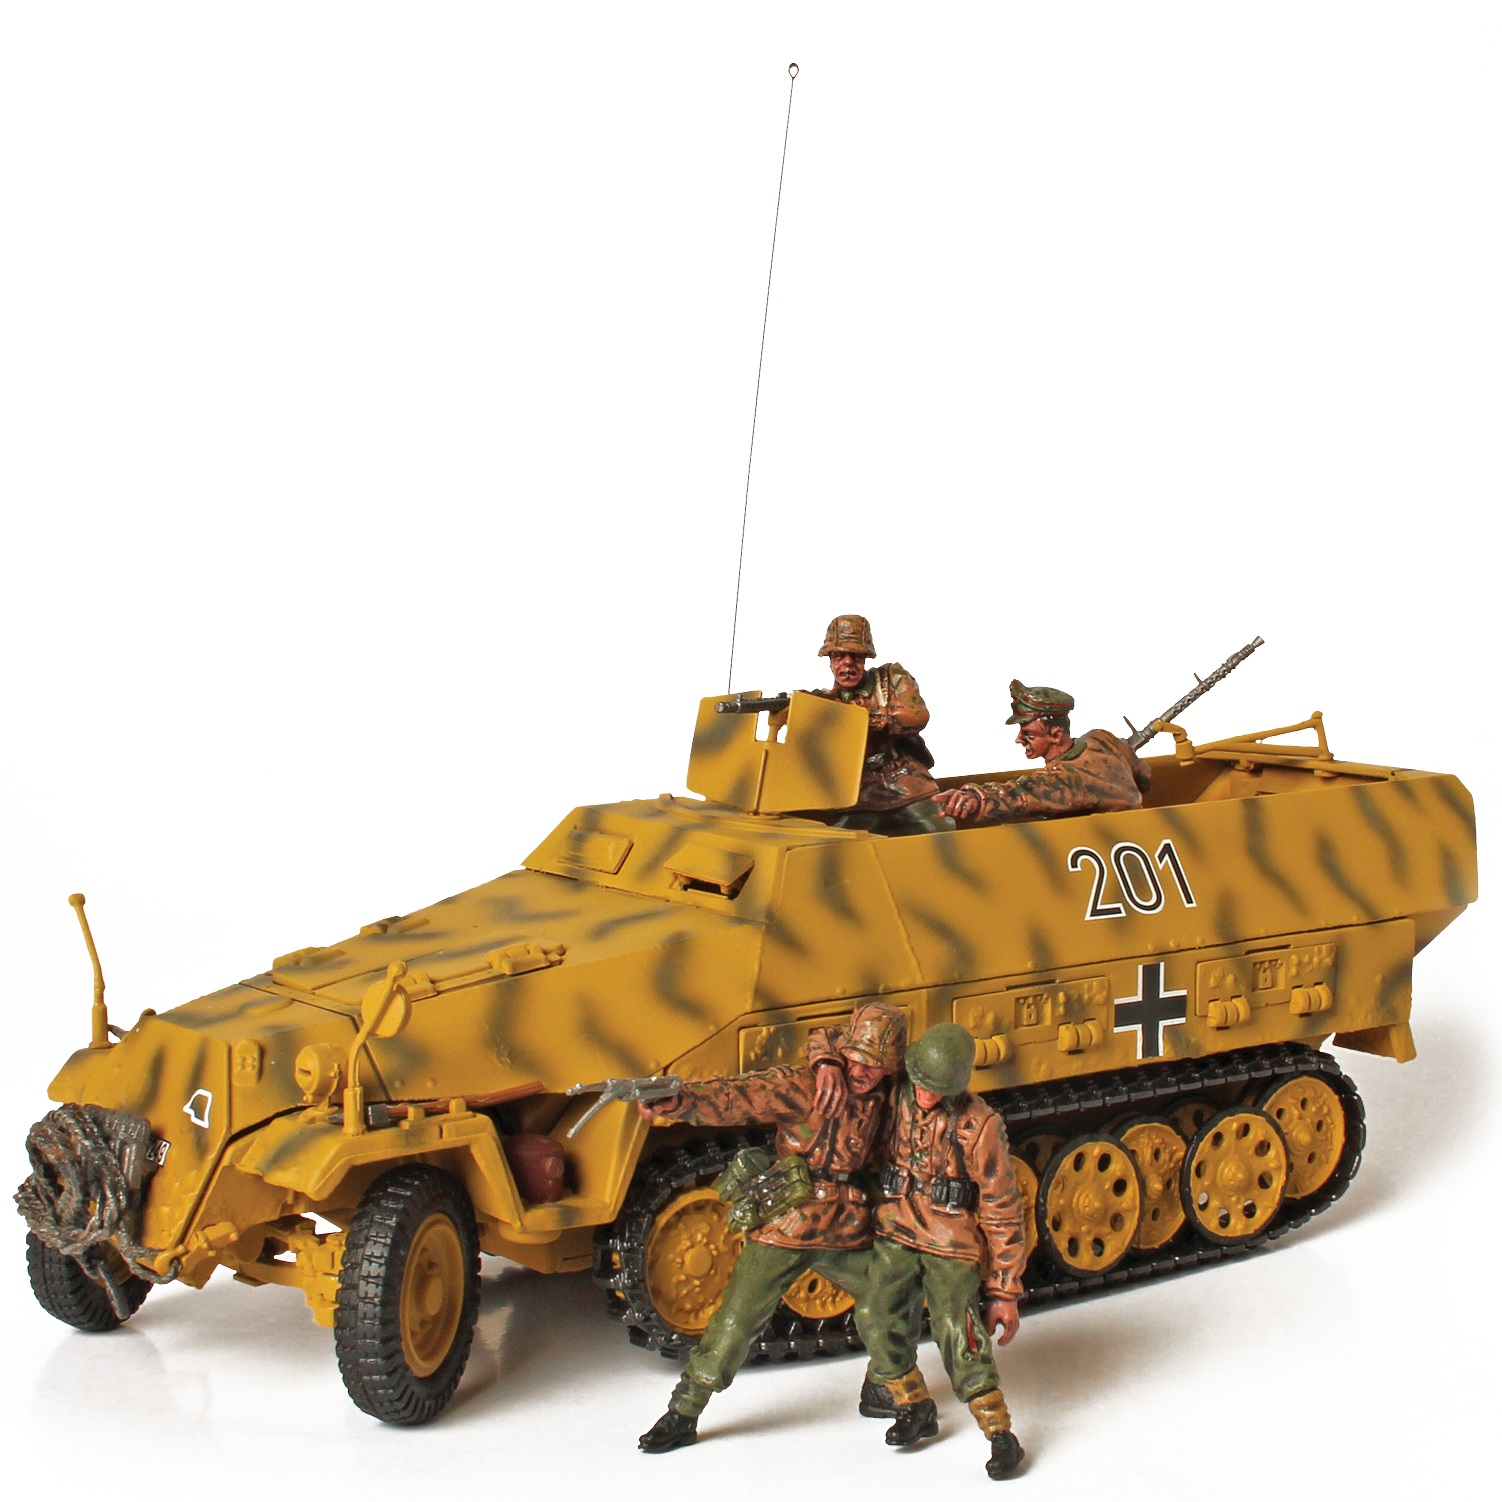 Коллекционная модель - немецкий бронетранспортер Sd. Kfz. 251/1 Hanomag, Литва, 1944, 1:32Военная техника<br>Коллекционная модель - немецкий бронетранспортер Sd. Kfz. 251/1 Hanomag, Литва, 1944, 1:32<br>